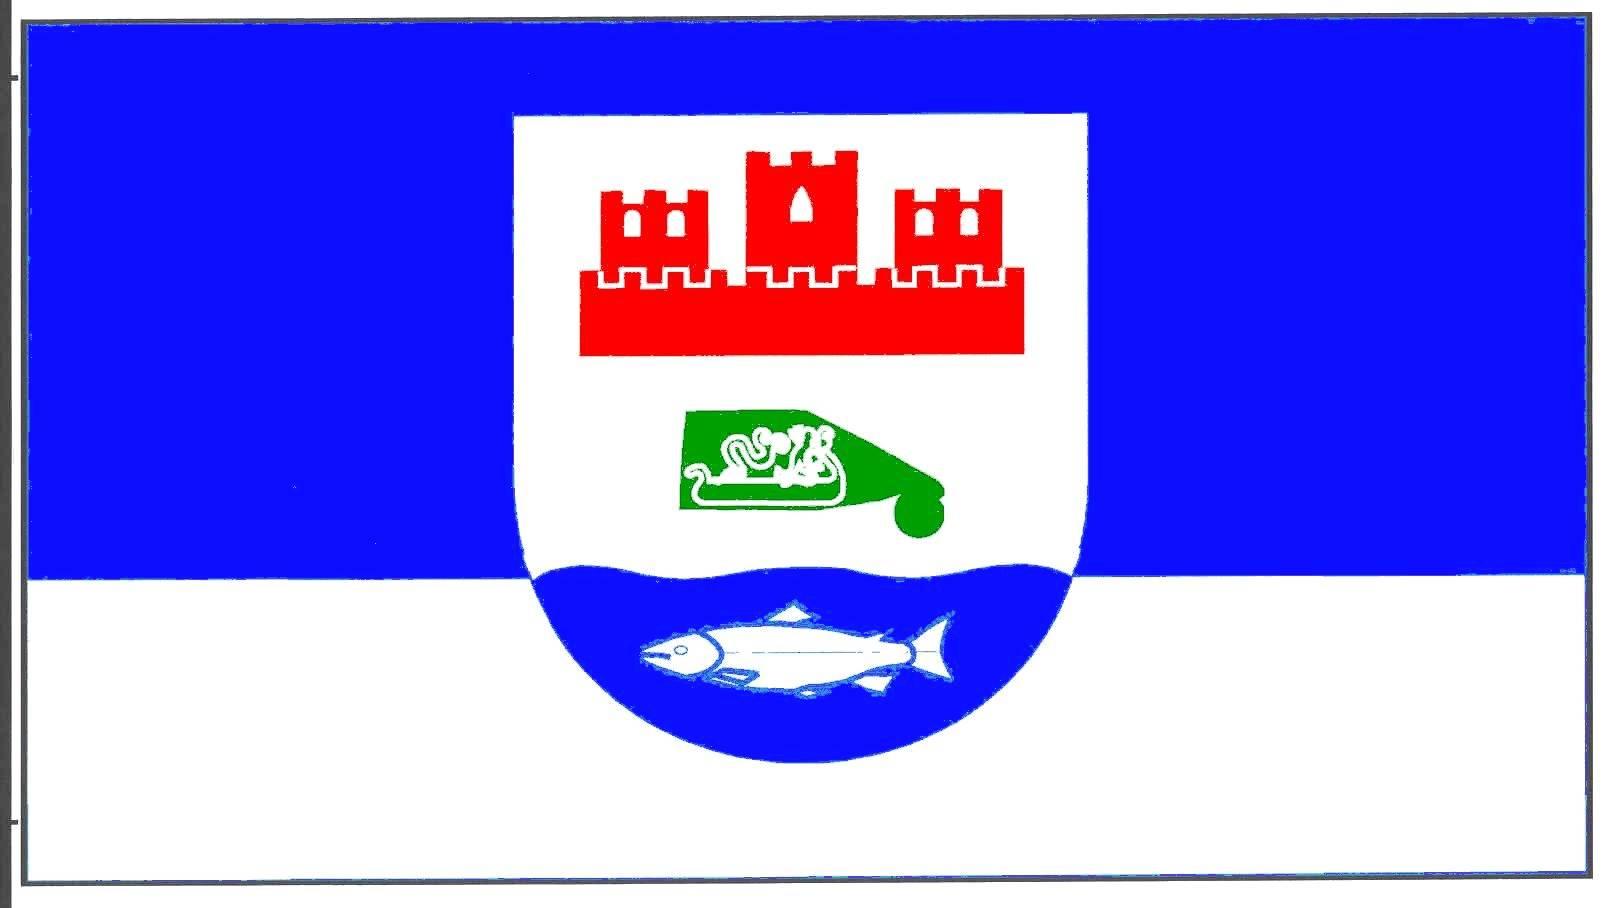 Flagge GemeindeBorgdorf-Seedorf, Kreis Rendsburg-Eckernförde